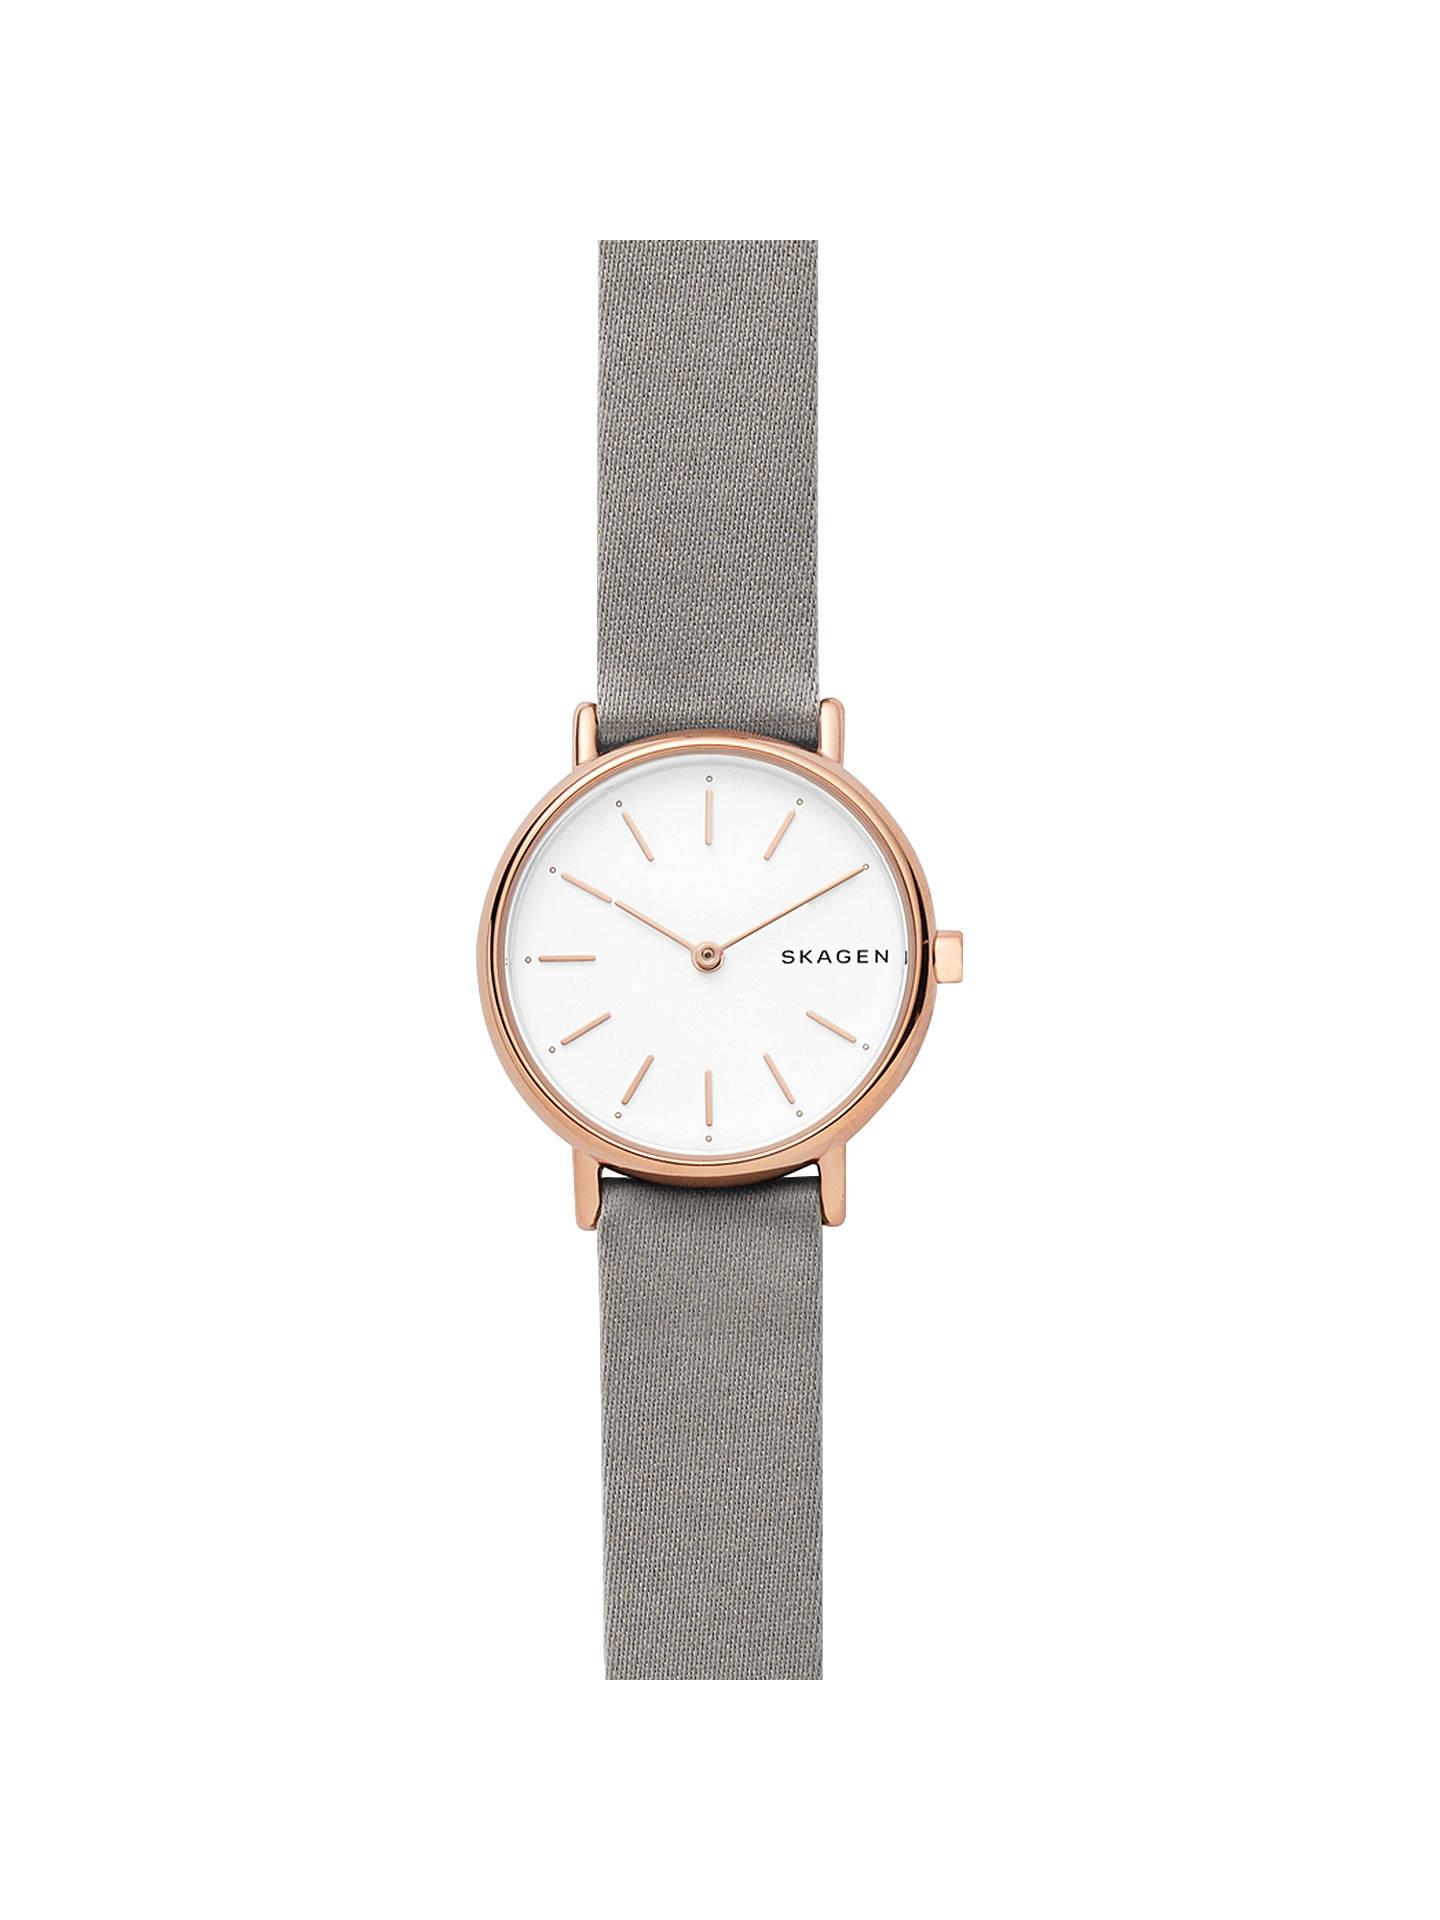 8f9430d7e Buy Skagen SKW2697P Women's Signatur Slim Satin Strap Watch, Grey/White  Online at johnlewis